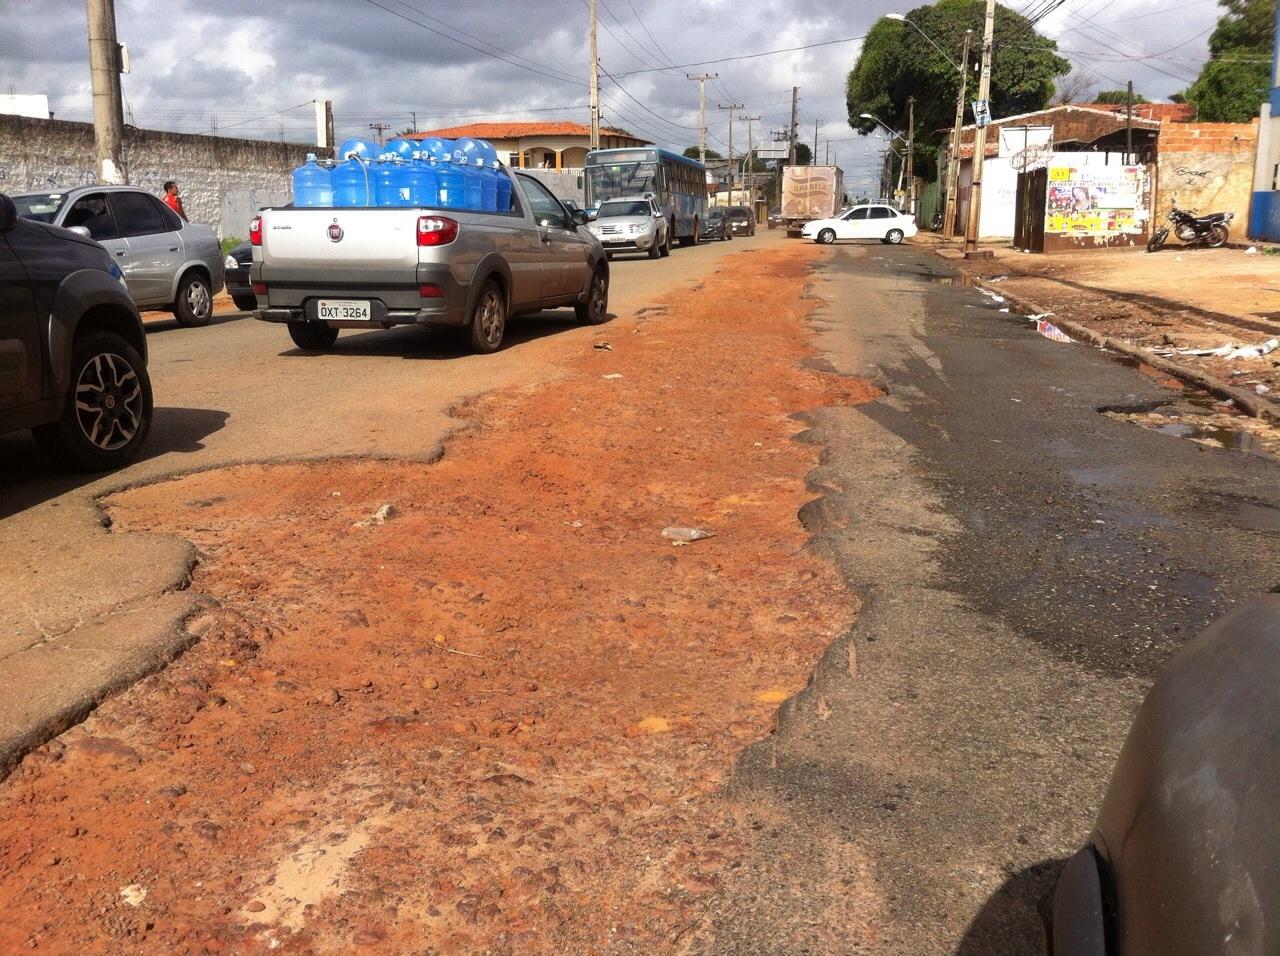 Asfalta de péssima qualidade começa a formar buracos (foto: Hilton Franco).